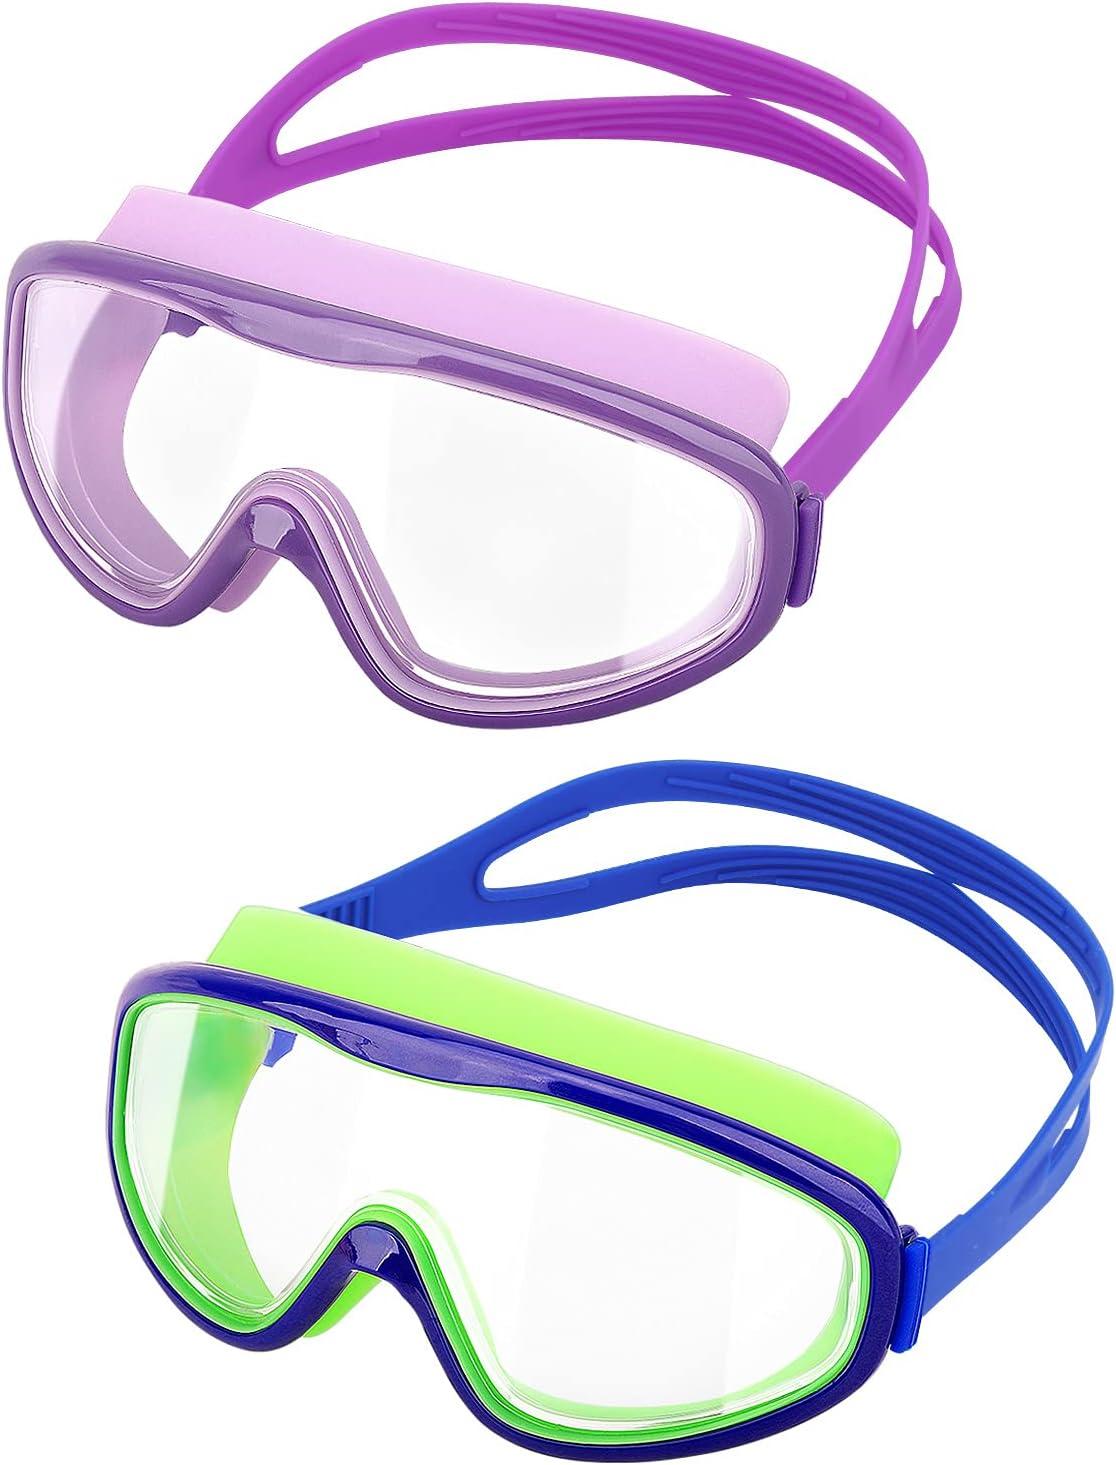 HeySplash [2PZS Gafas de Natación para Niños Transparente Sin Fugas Anti-vaho, Antiniebla Gafas Protección UV de Visión Amplia con Clips de Nariz y Tapones para Oídos